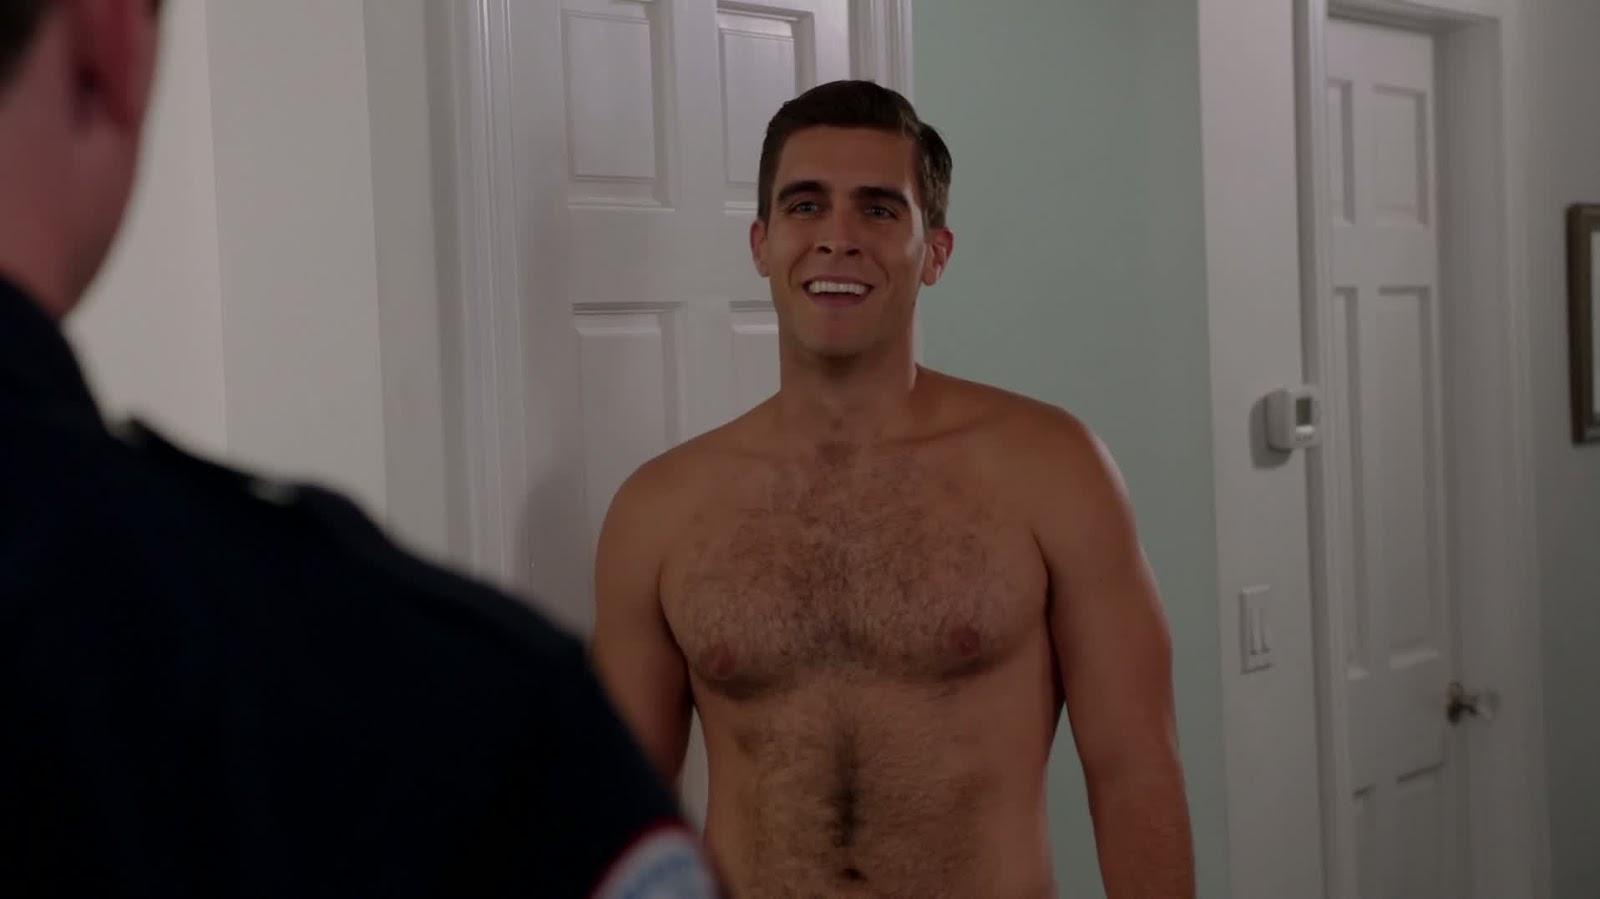 Shirtless Men On The Blog: Sean Pratt Nudo & Josh Watson